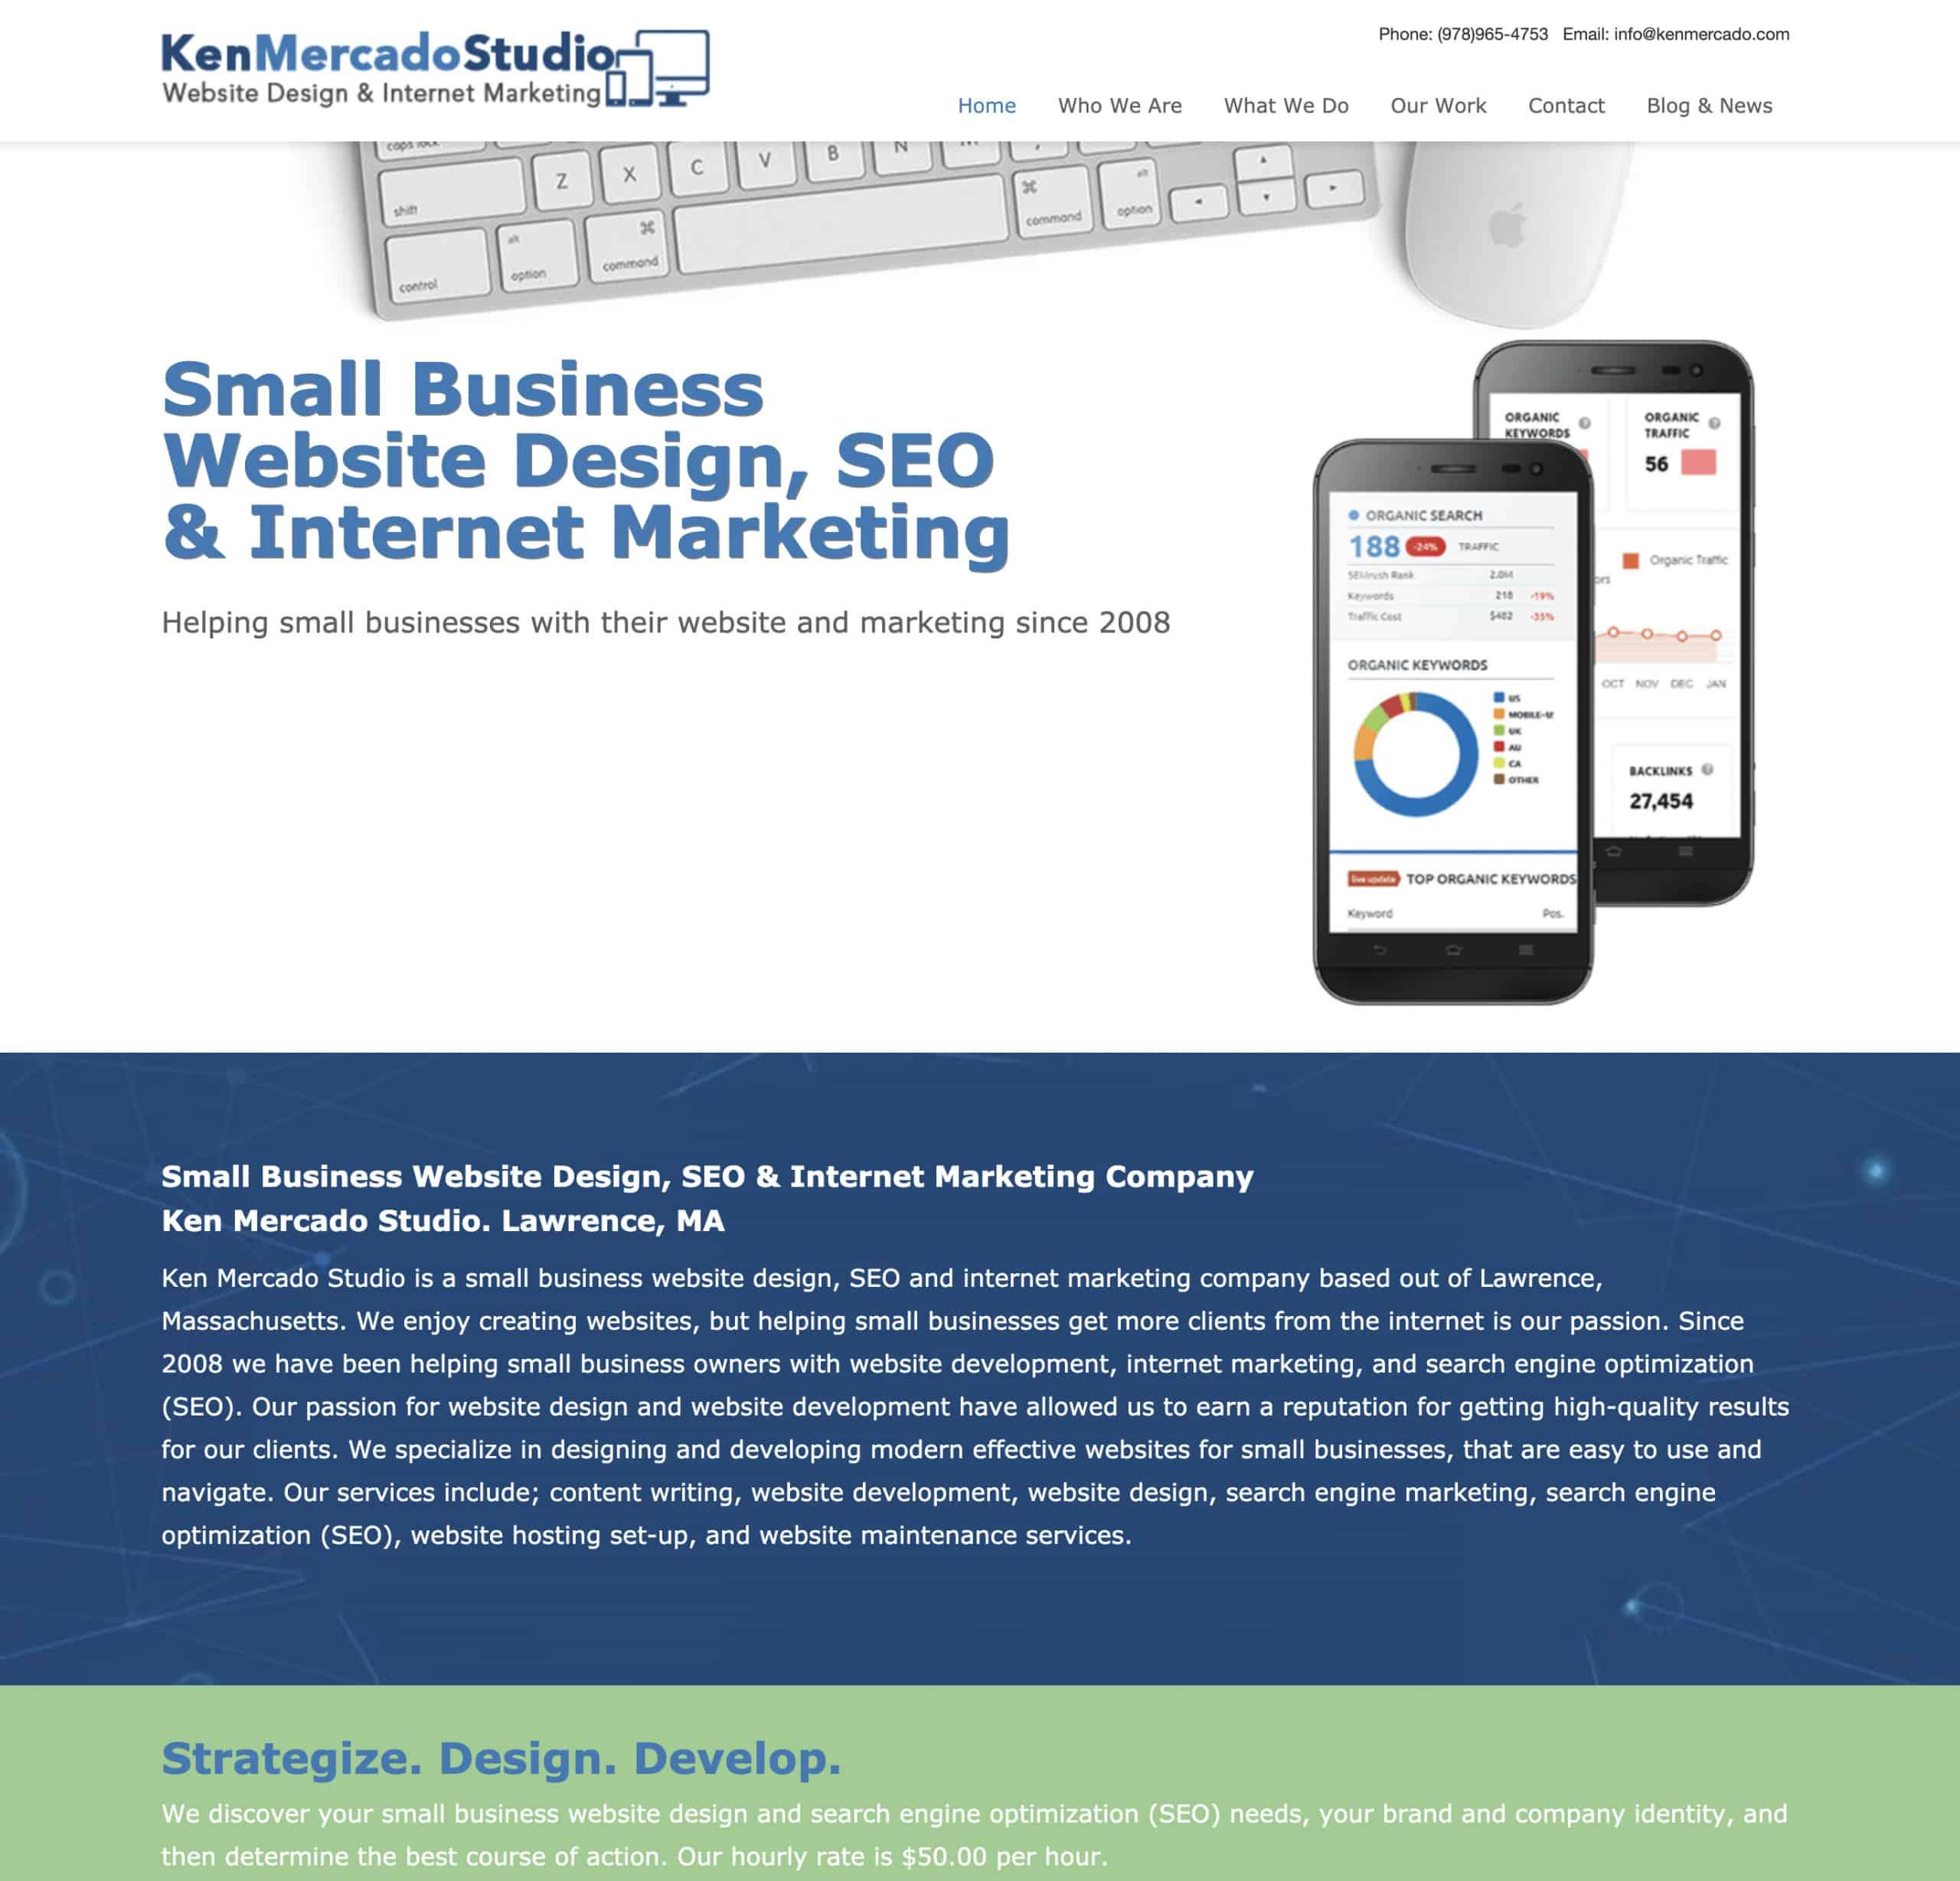 KMS Website Design & Internet Marketing